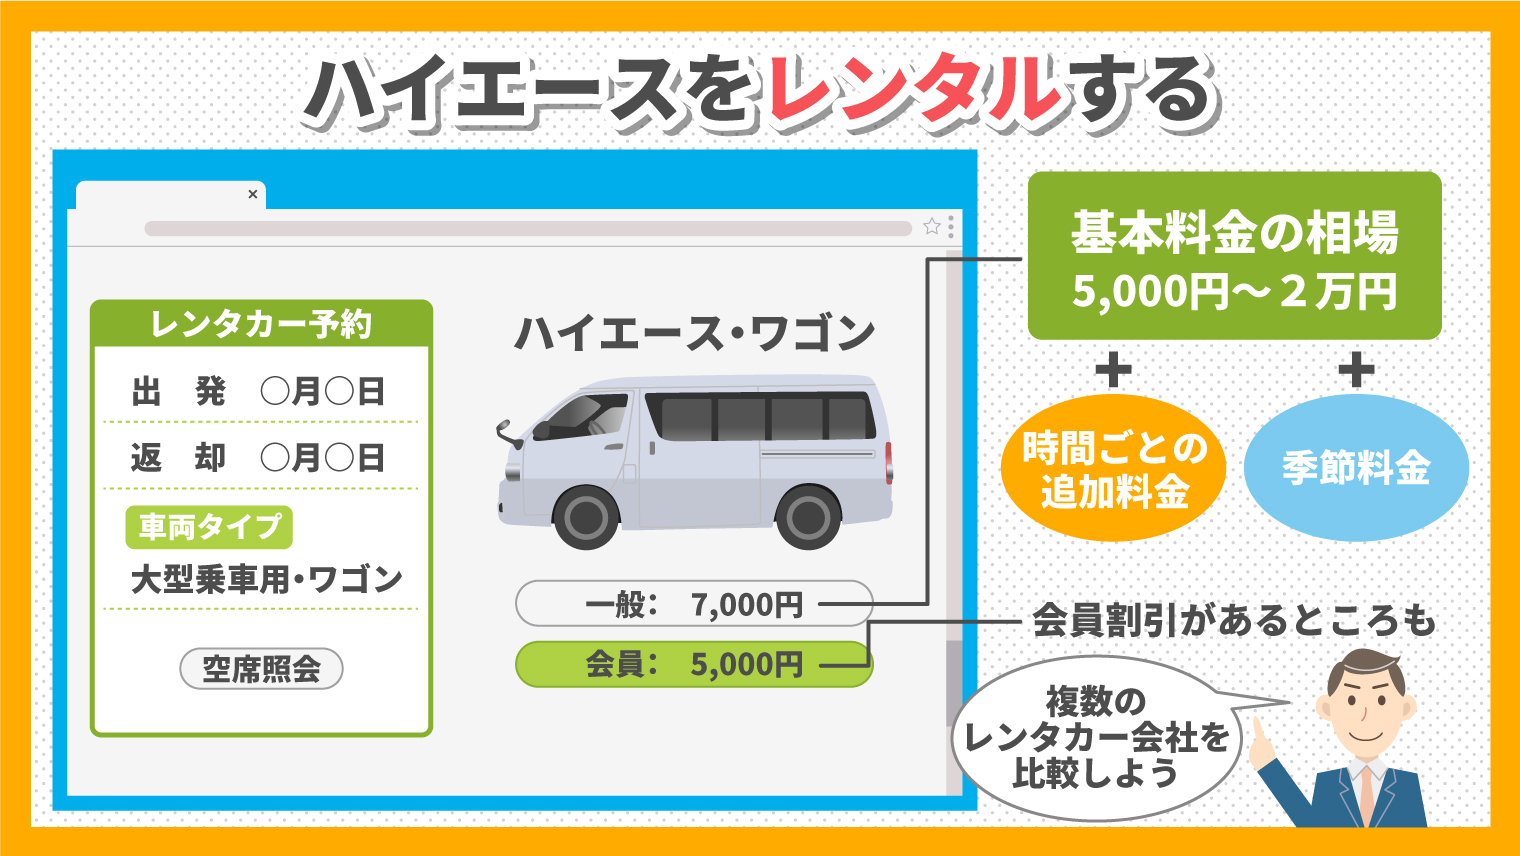 ハイエースのレンタル相場は5,000~20,000円